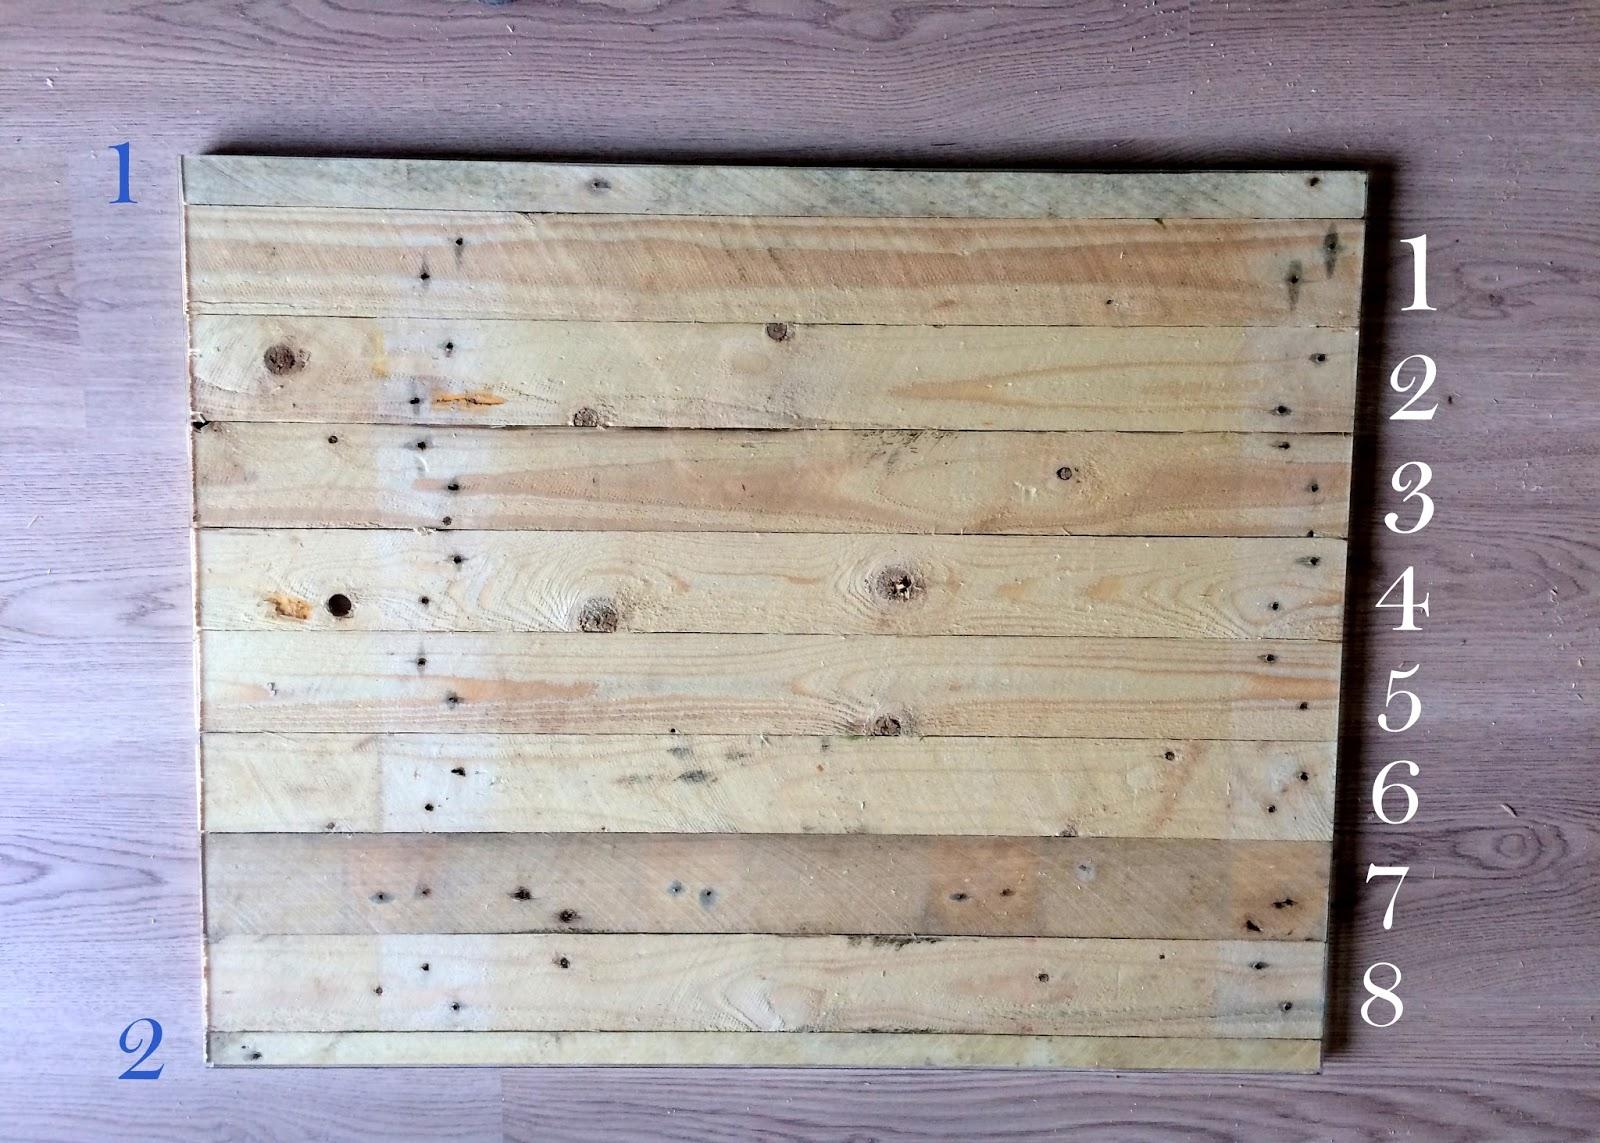 Comment faire une table basse en palette - Comment faire une table basse en palette ...